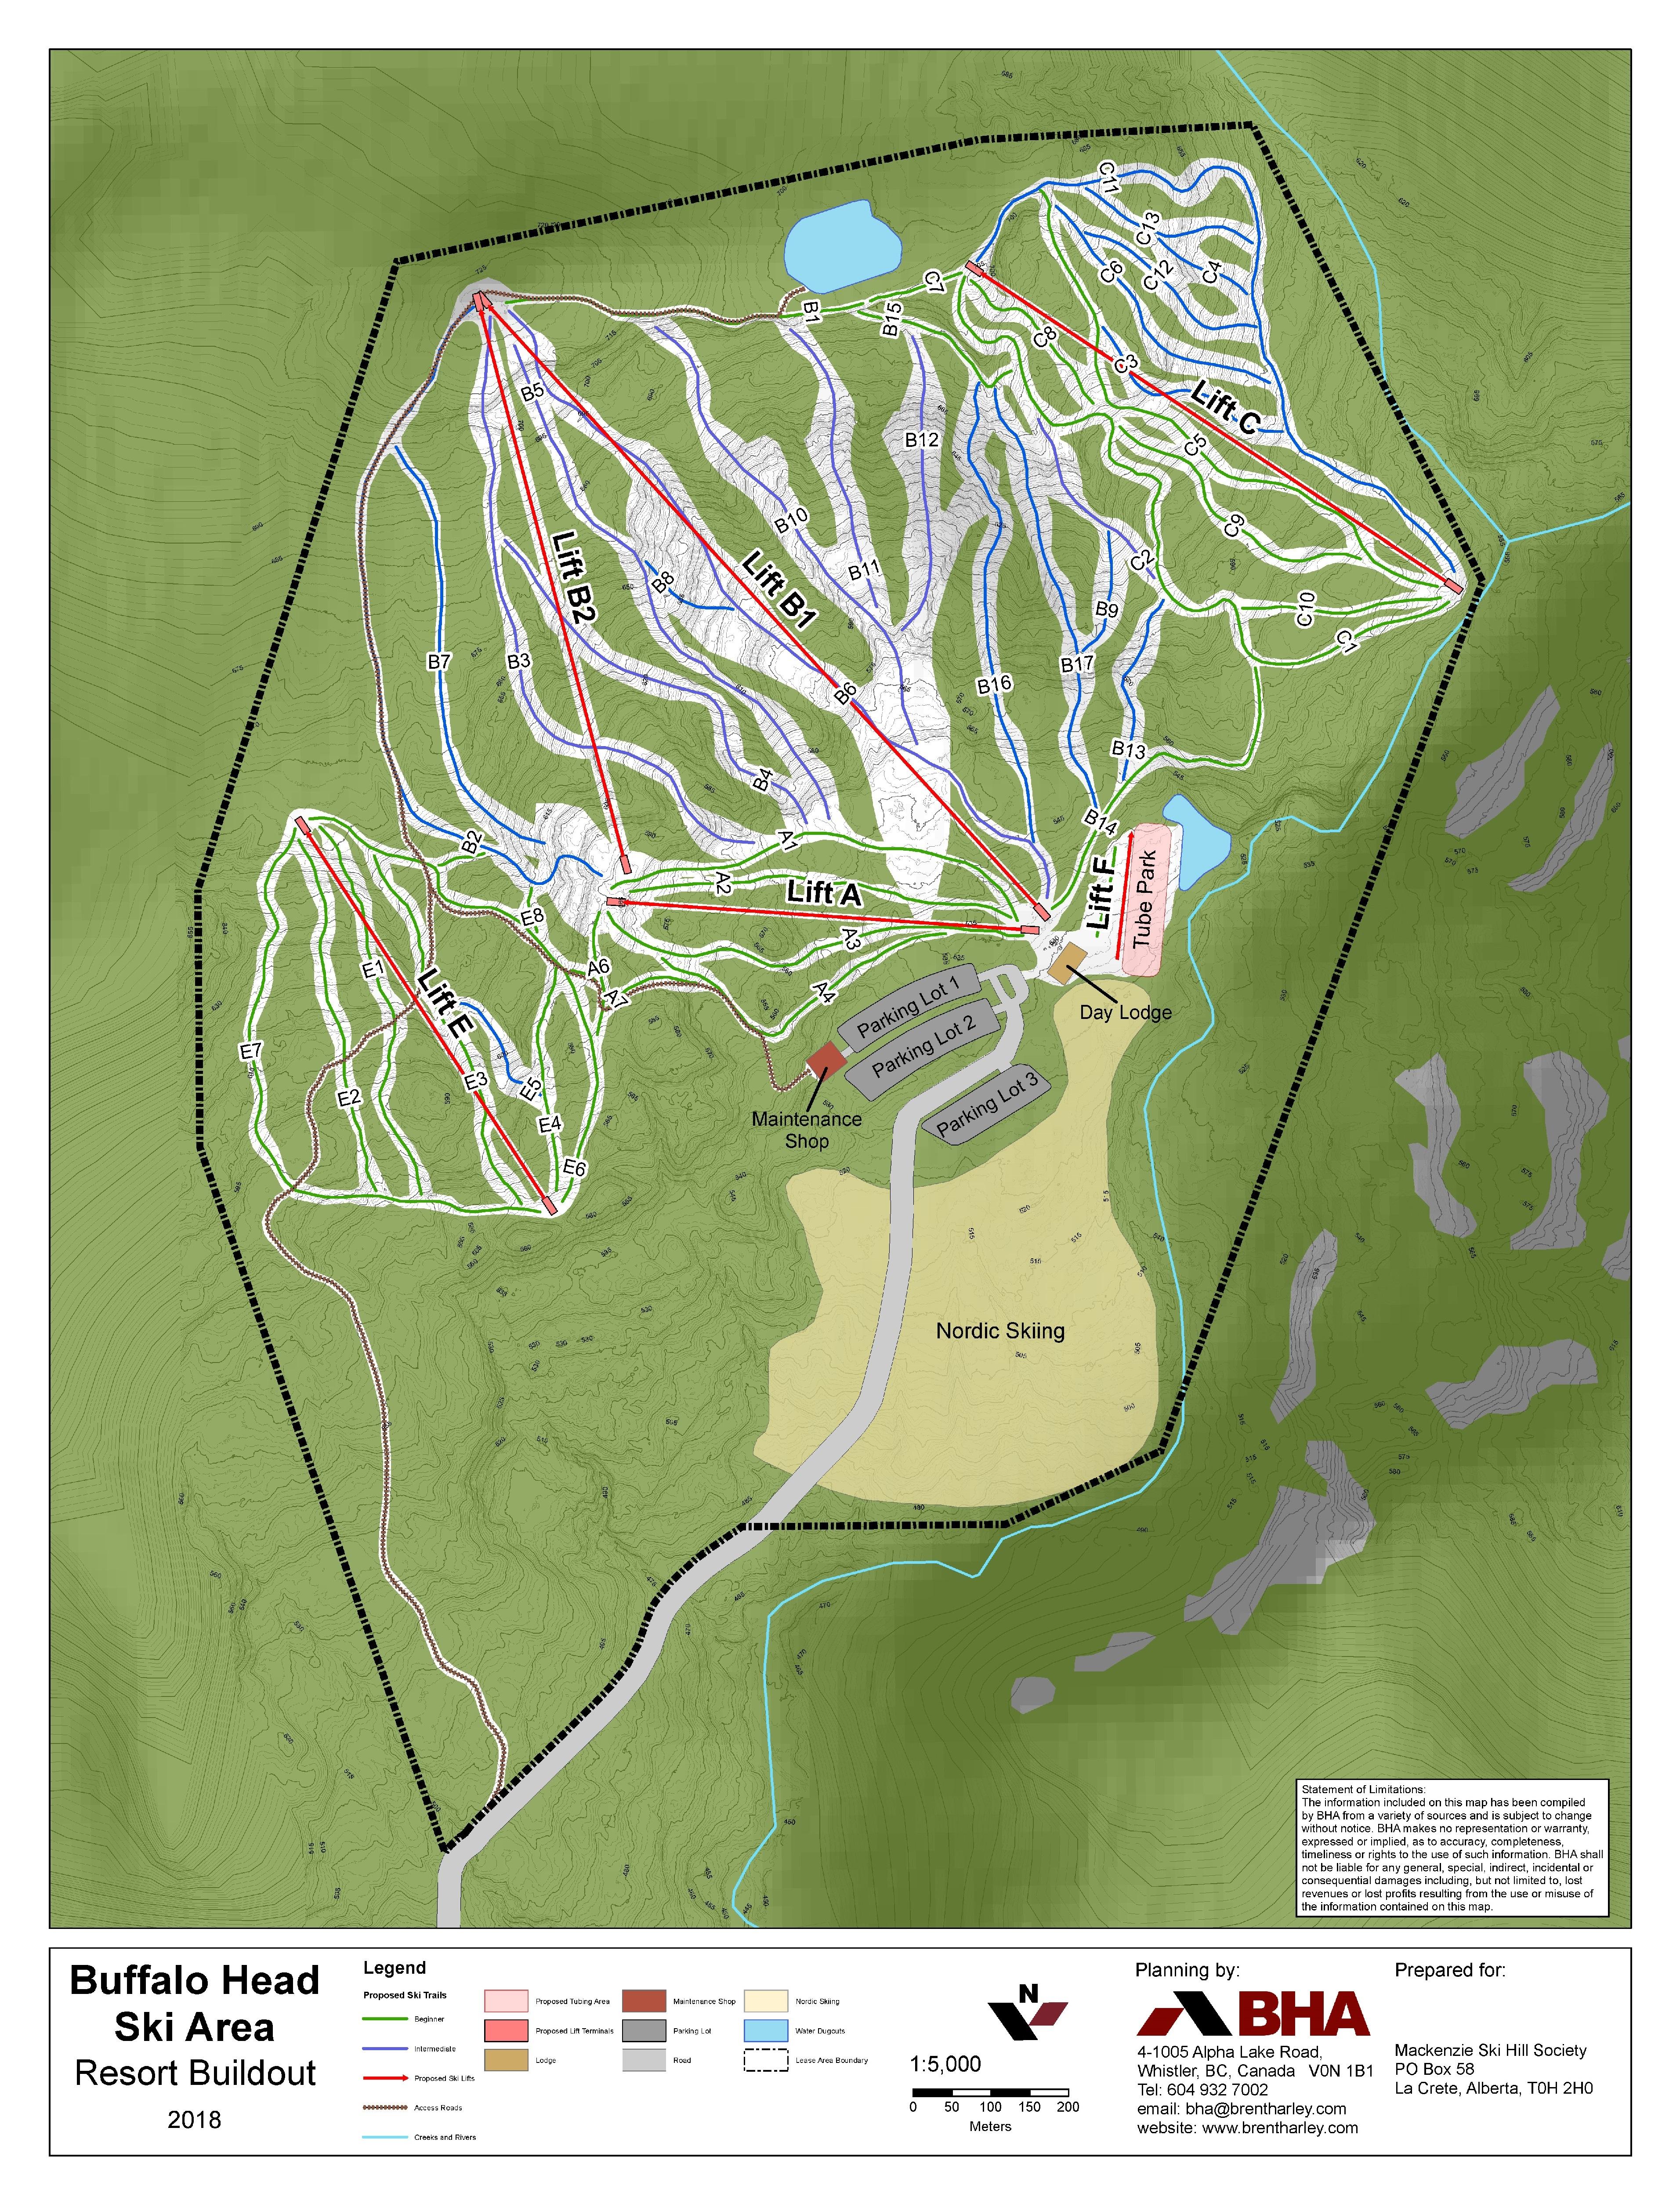 Buffalo Head Ski Area, Alberta, Canada - BHA Ski Area Lifts and Trails Planning and Design